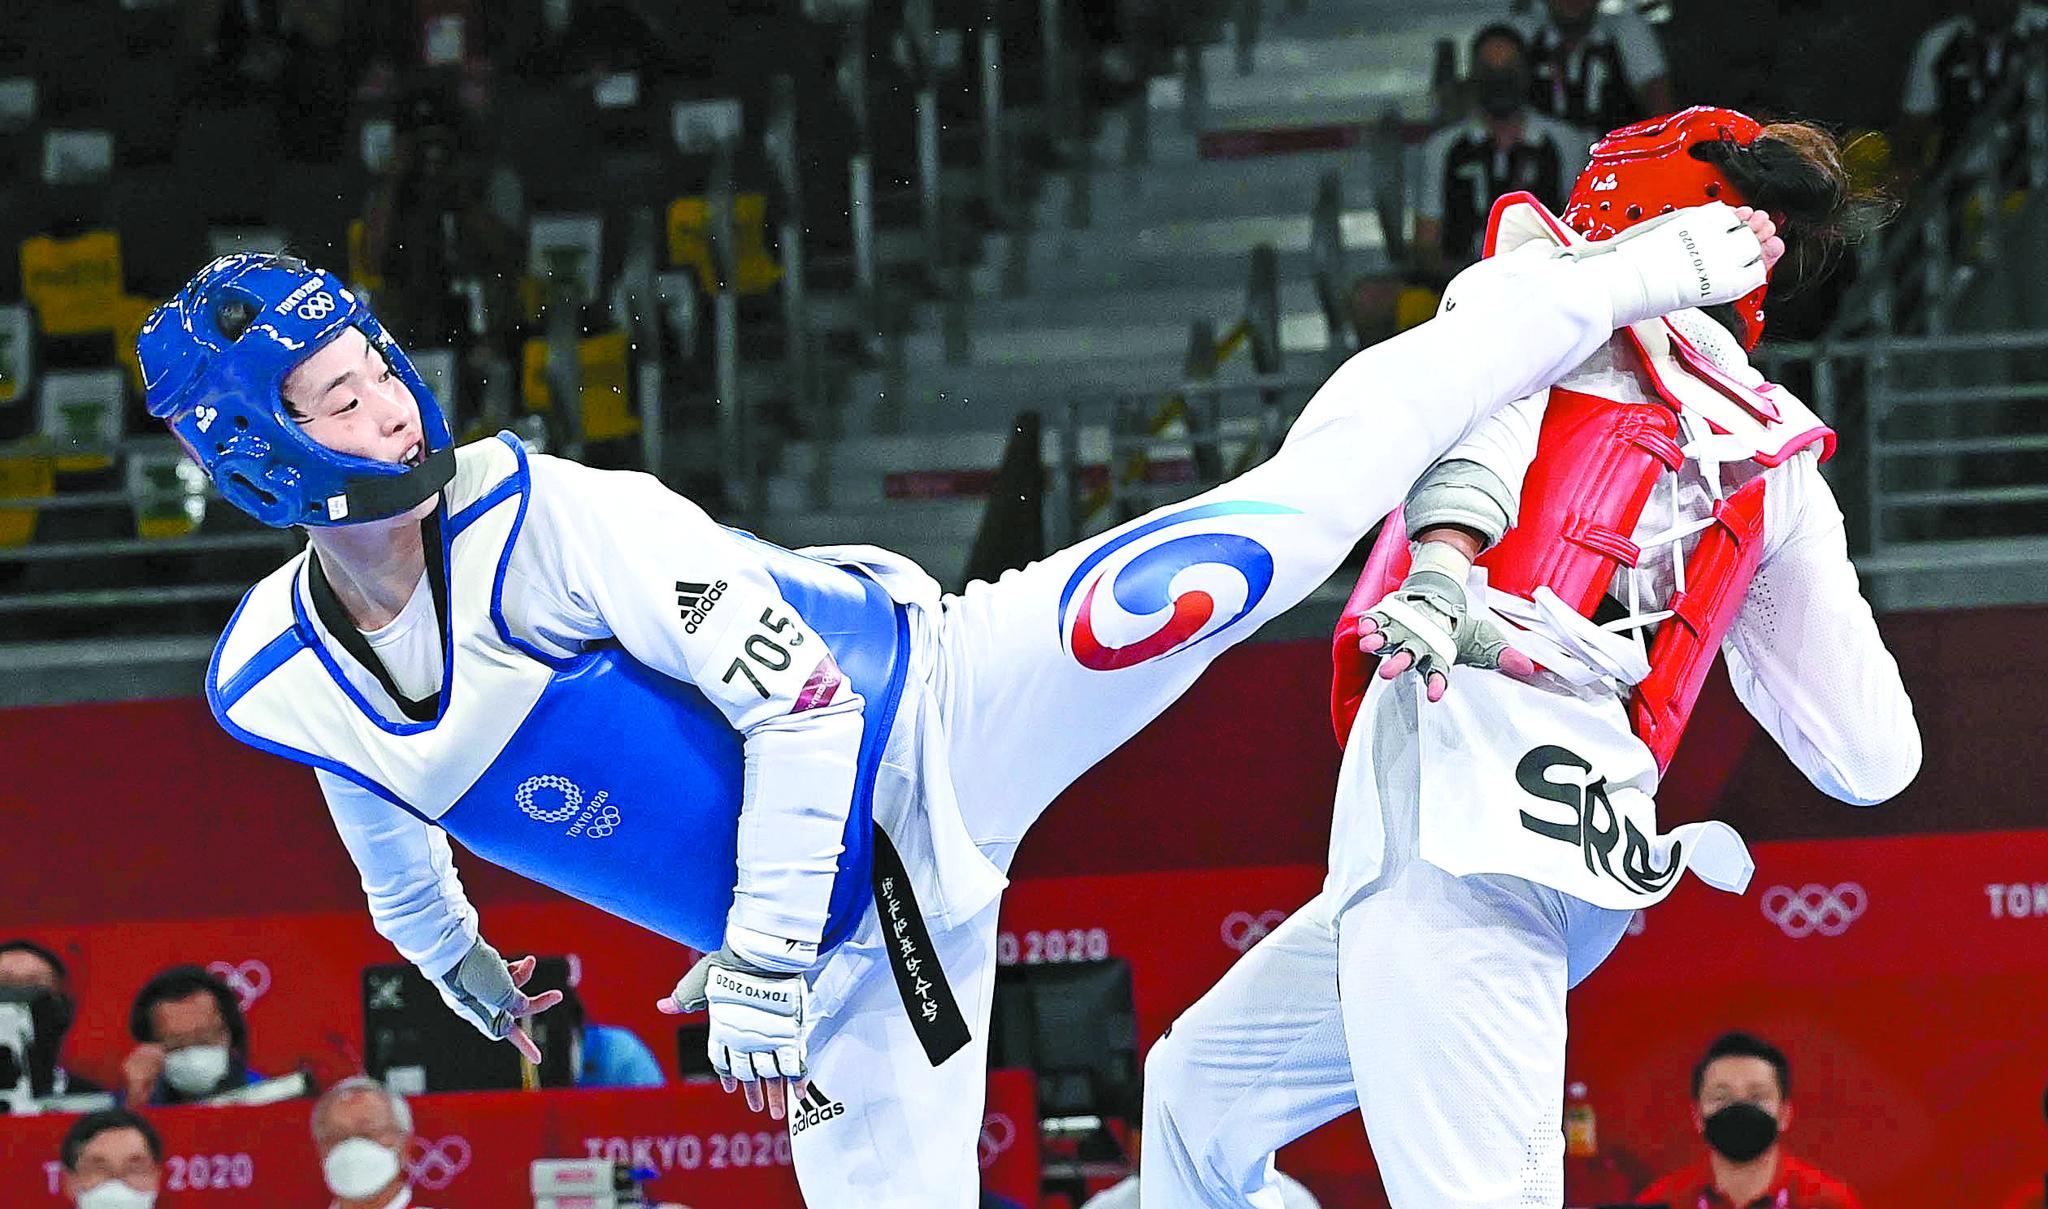 27일 일본 마쿠하리 메세홀에서 열린 도쿄올림픽 여자 태권도 67㎏ 초과급 결승에서 한국 이다빈(왼쪽)이 세르비아 밀리차 만디치와의 경기에서 발차기를 하고 있다. 도쿄 올림픽사진공동취재단